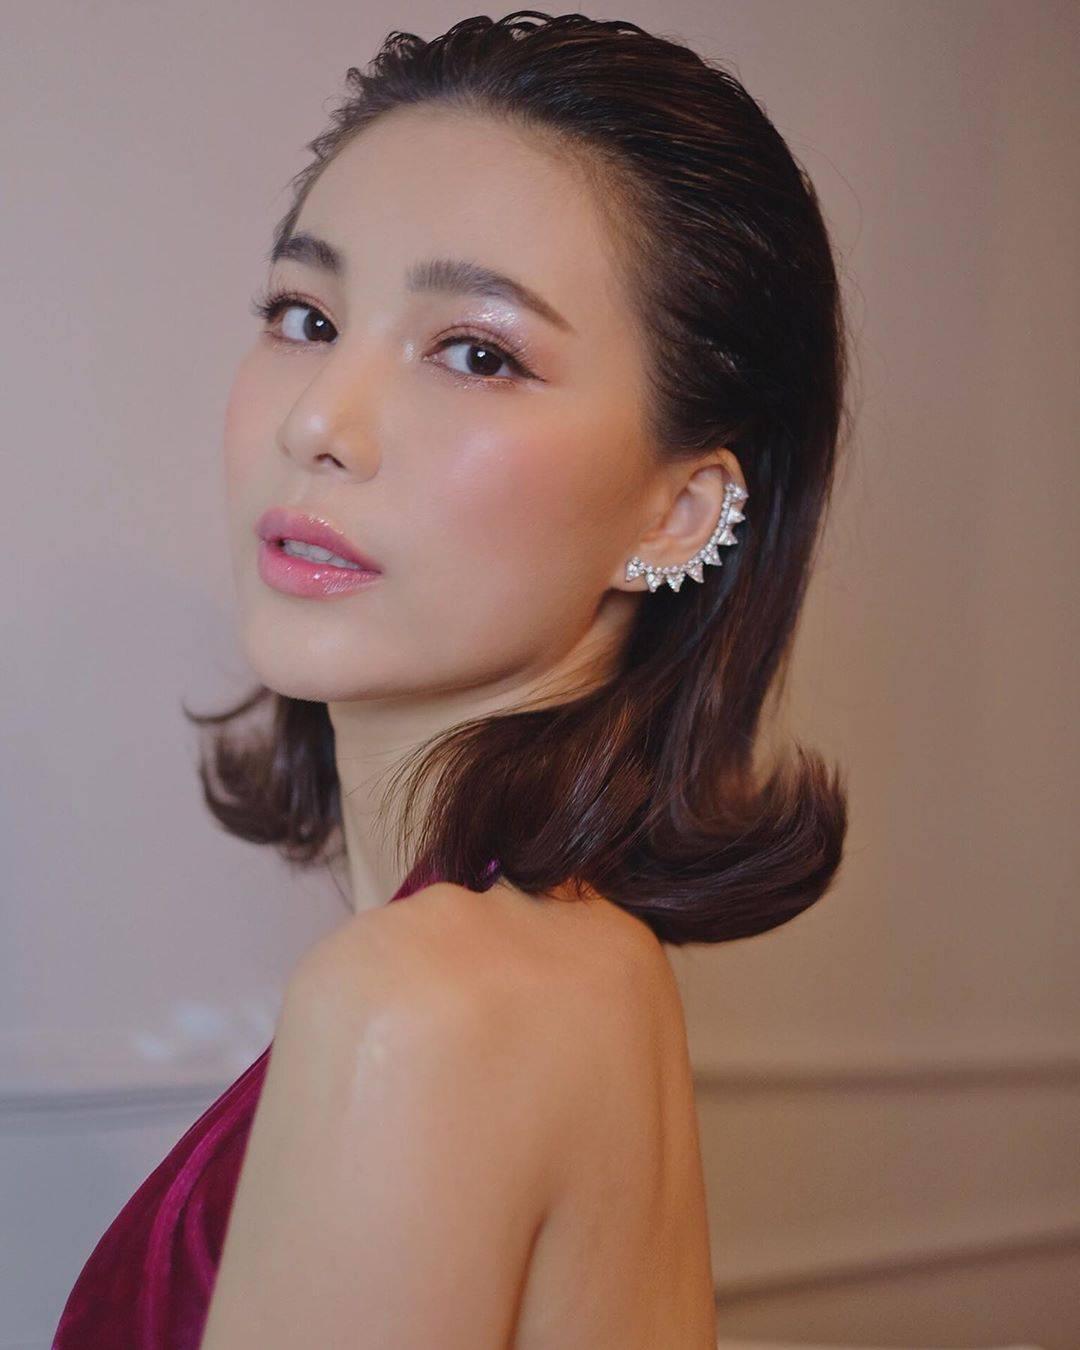 จันจิ จันจิรา ขอบคุณภาพจากไอจี @junji_junp